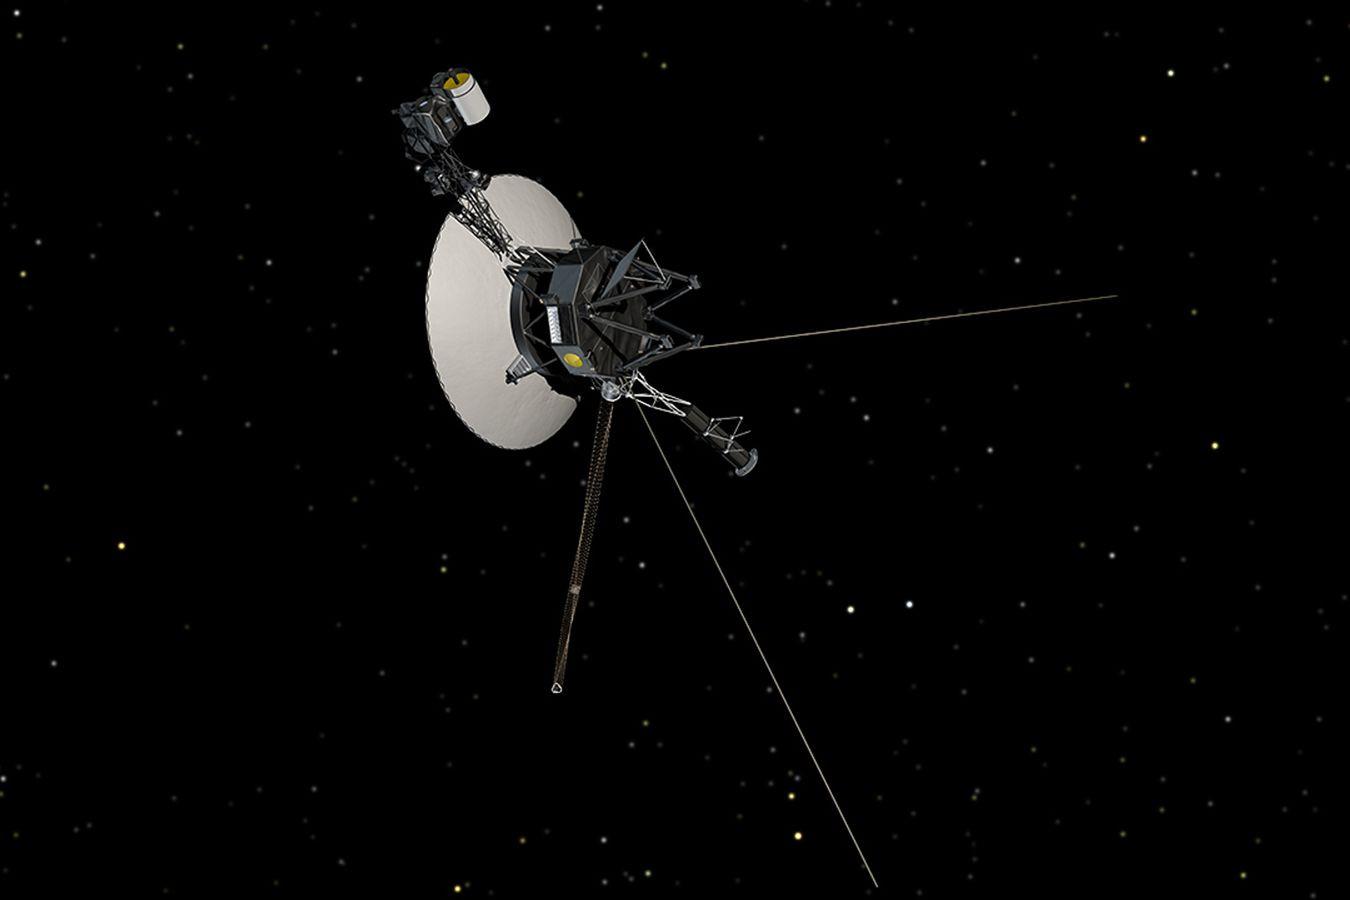 Sonda da NASA abandonou o Sistema Solar